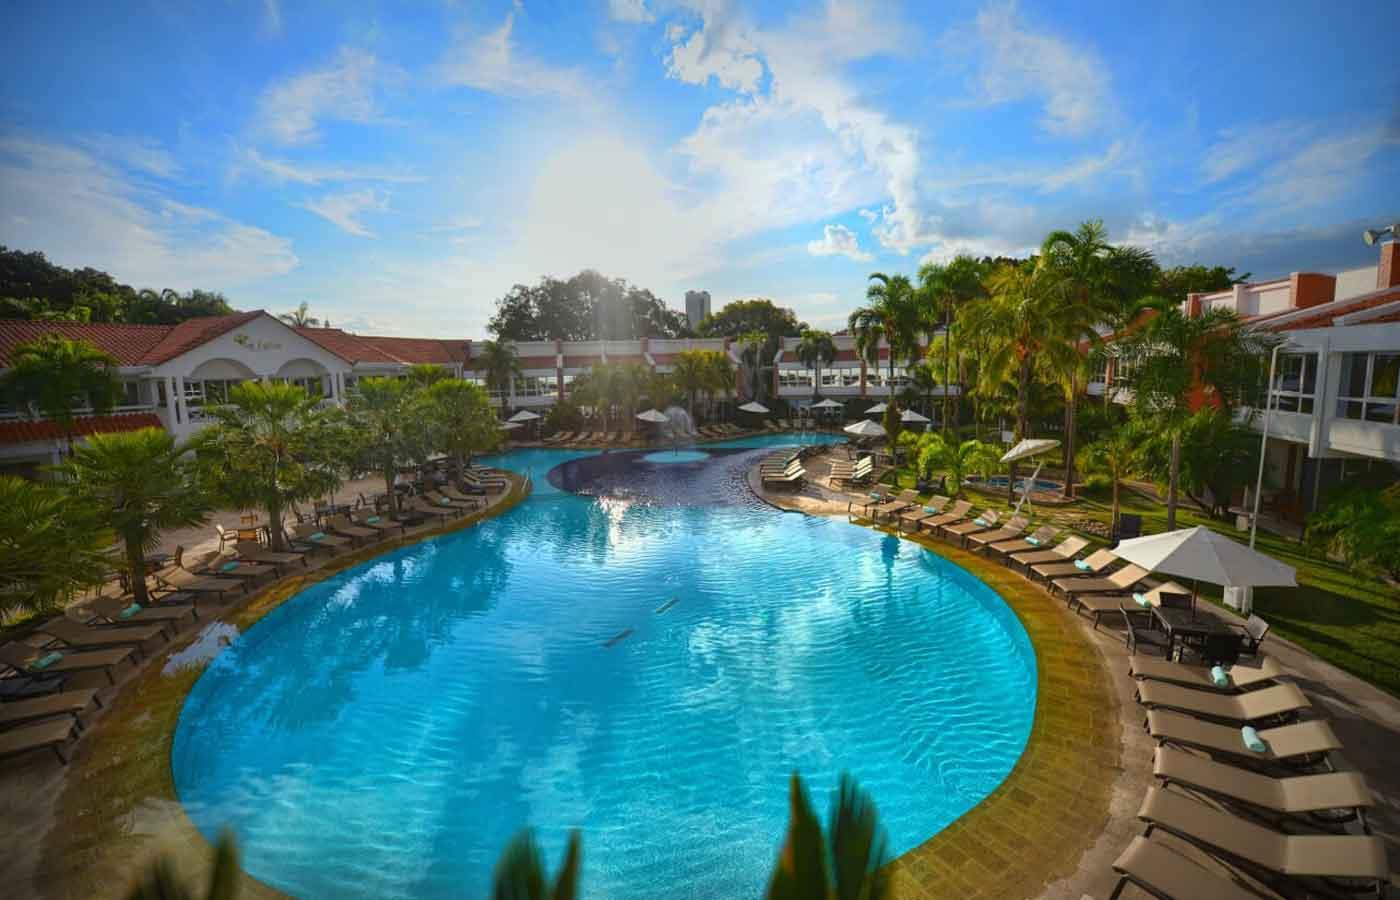 Pool at the Hotel Los Tajibos, Santa Cruz, Bolivia